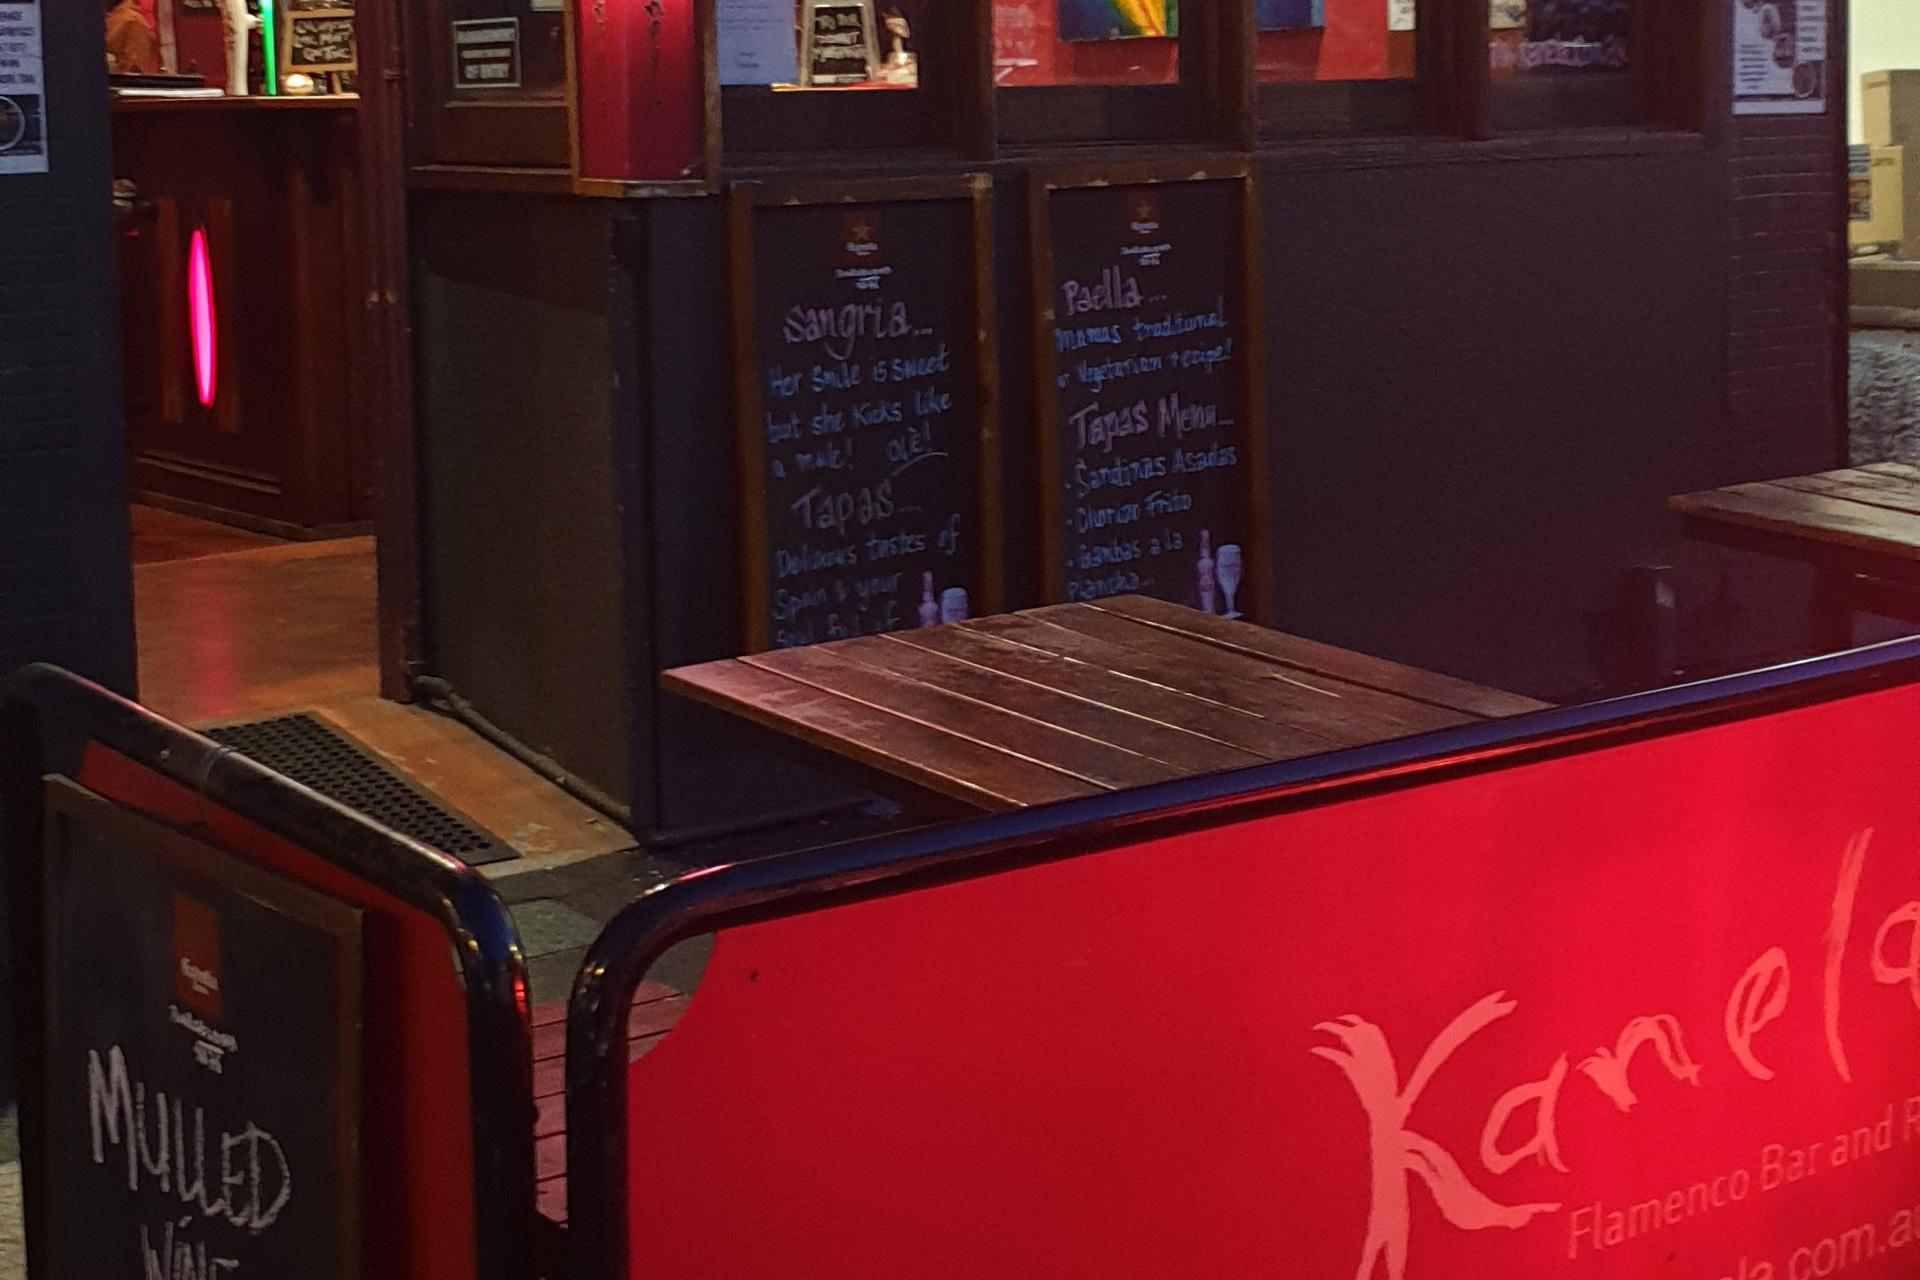 d - Kanela Bar